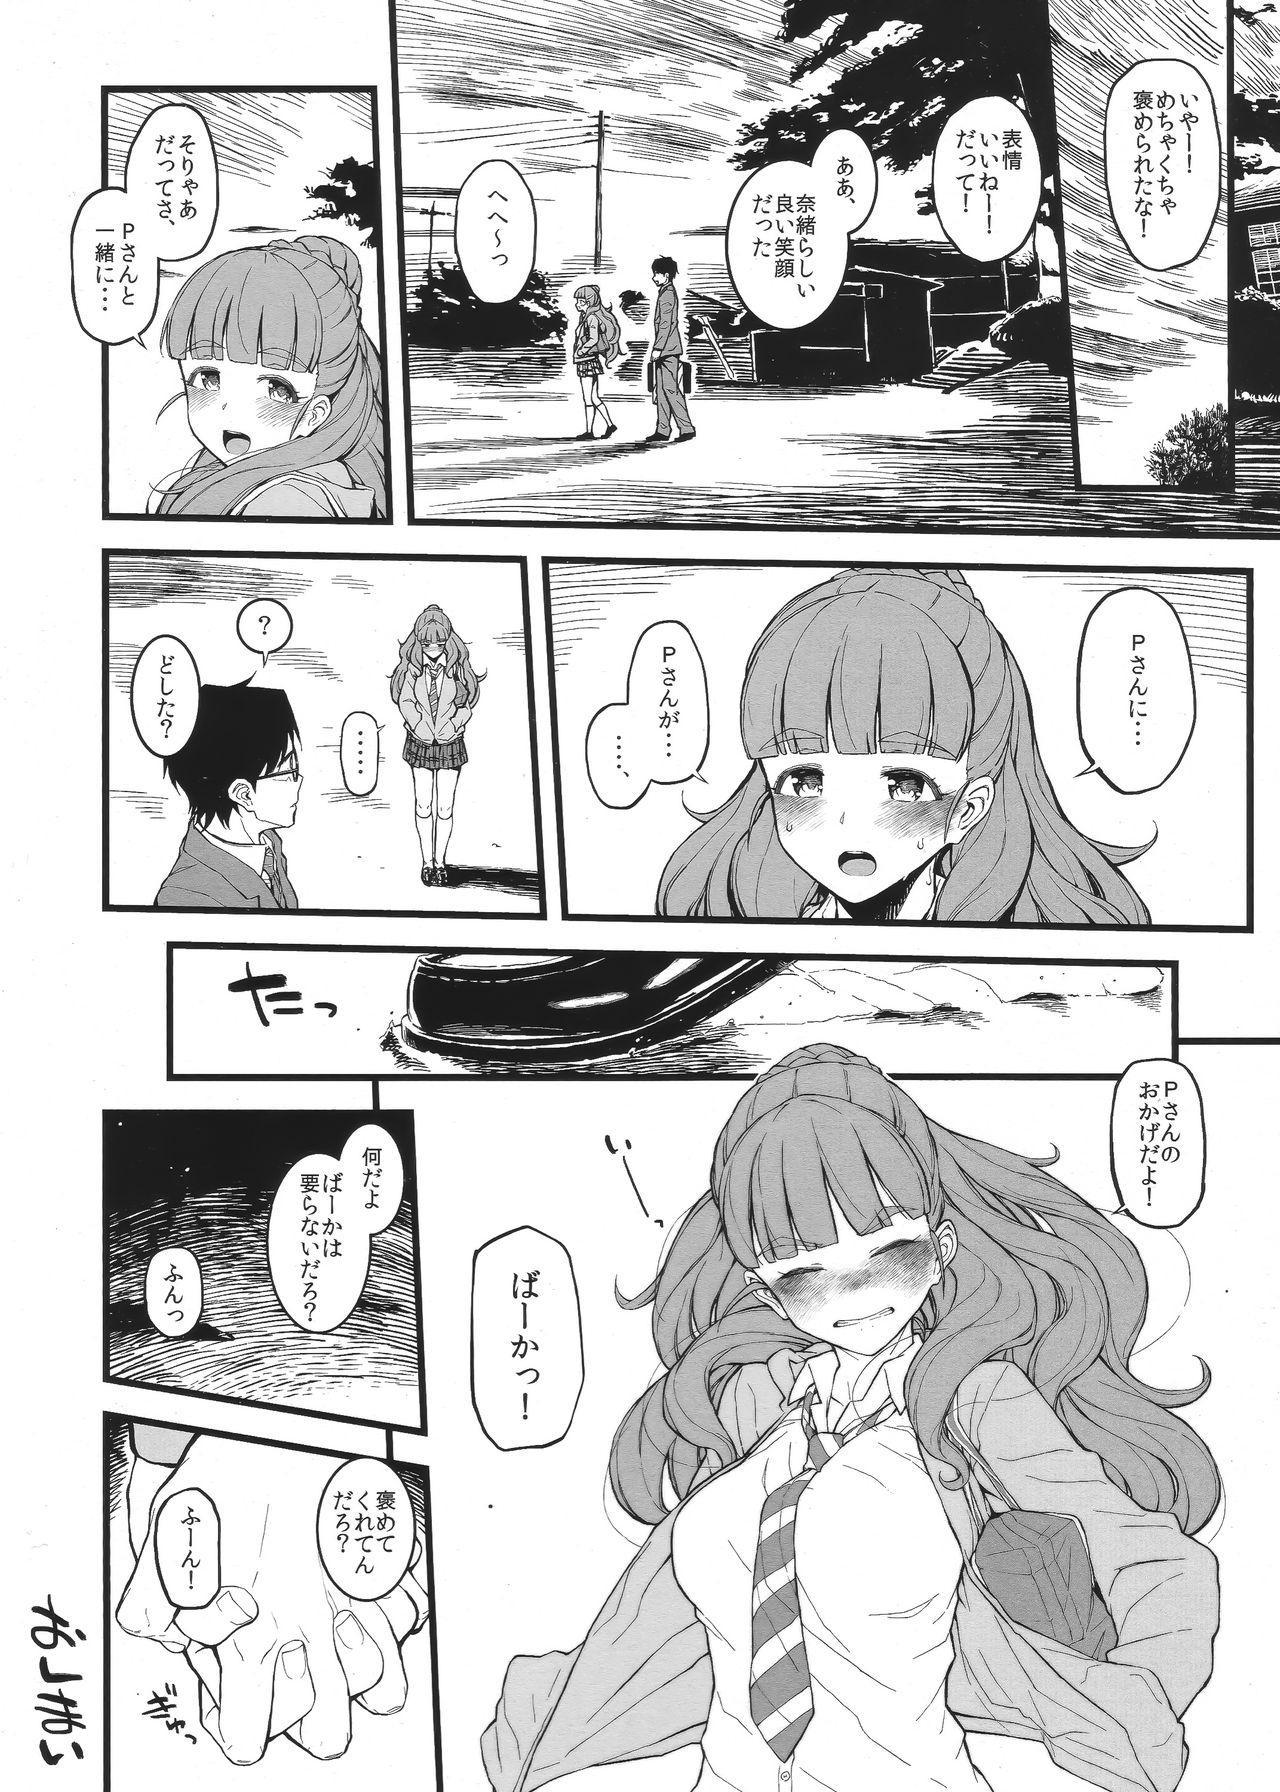 Nao-chan to Asedaku de Shichau Hon 18